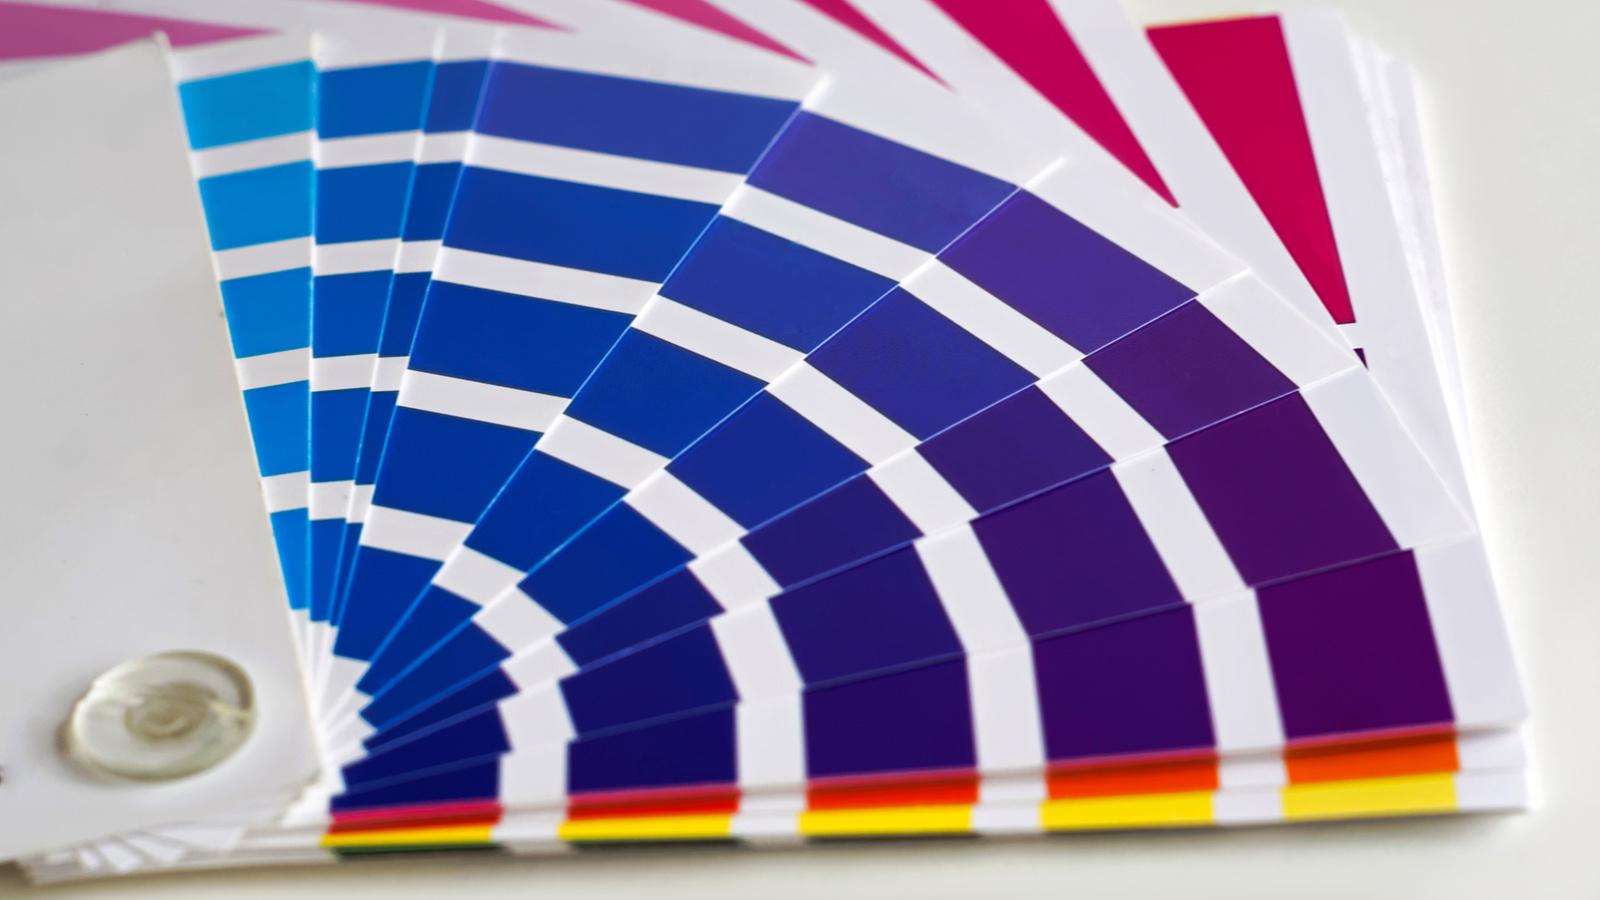 agentur weissraum grafenau ausbildungsplatz Mediengestalter farbfächer